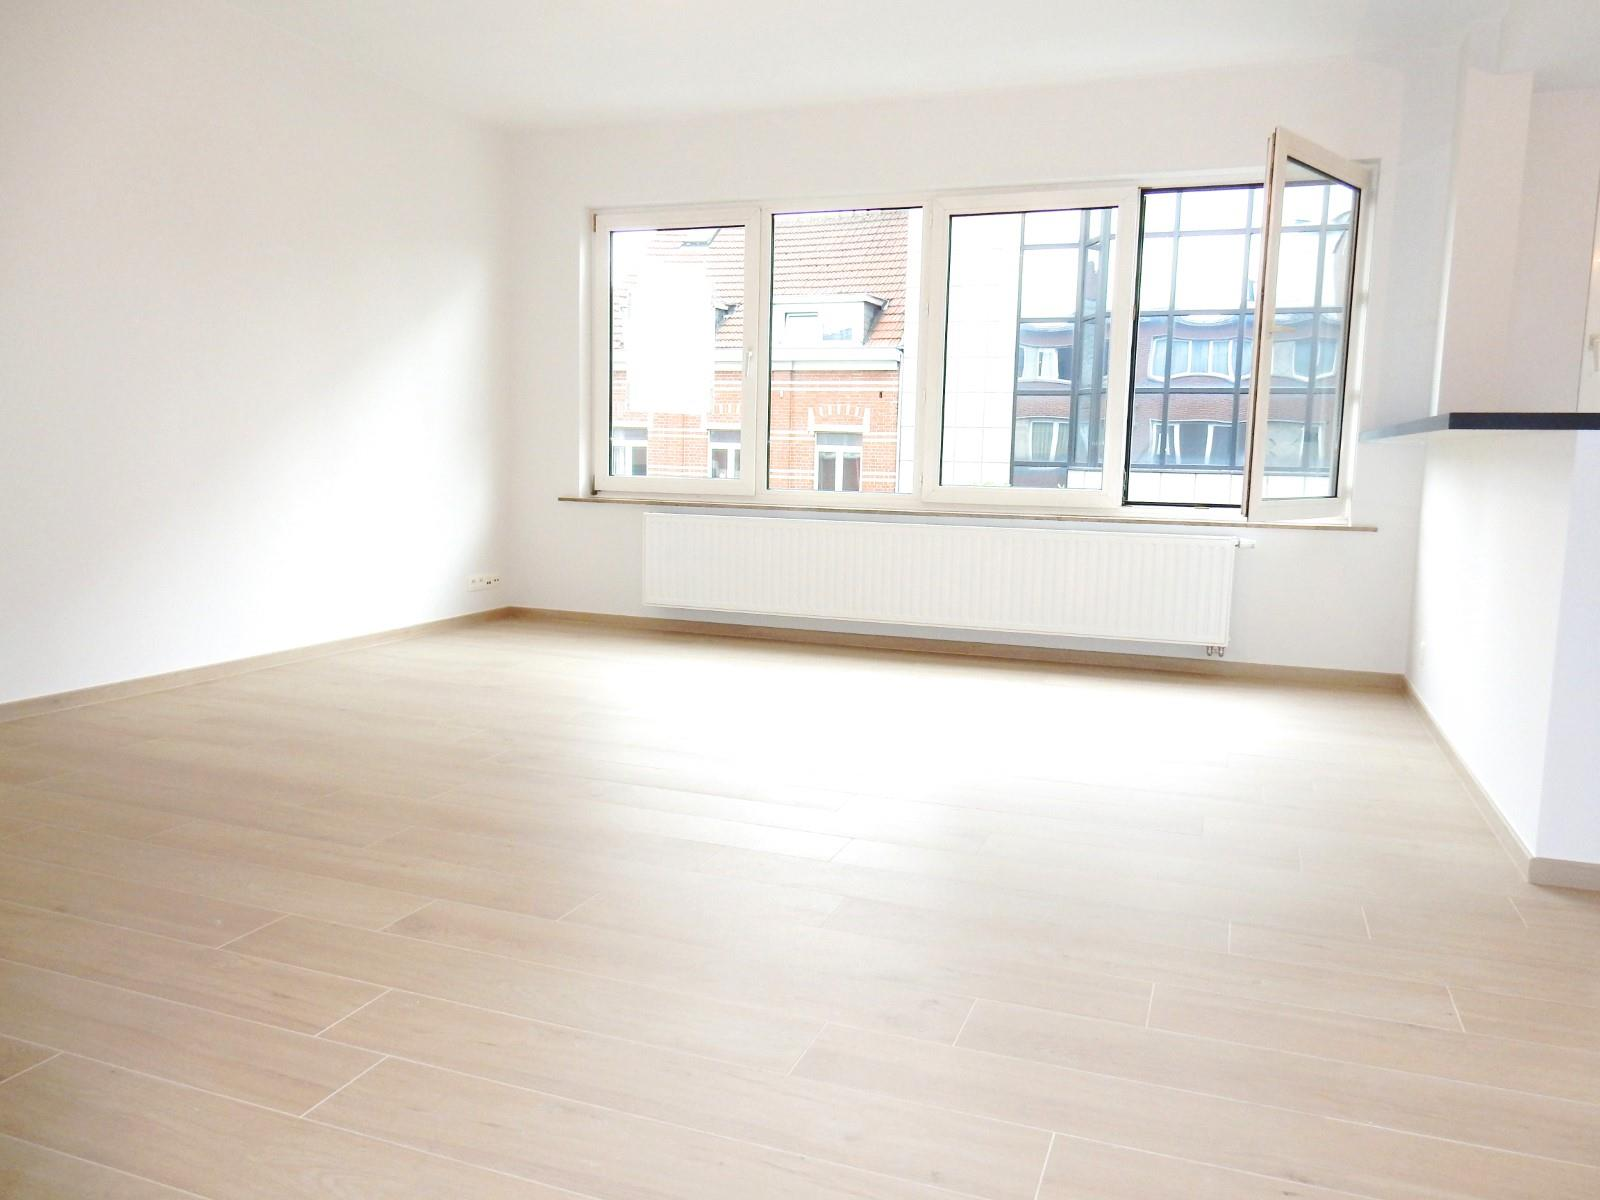 Appartement - Schaarbeek - #3798187-2